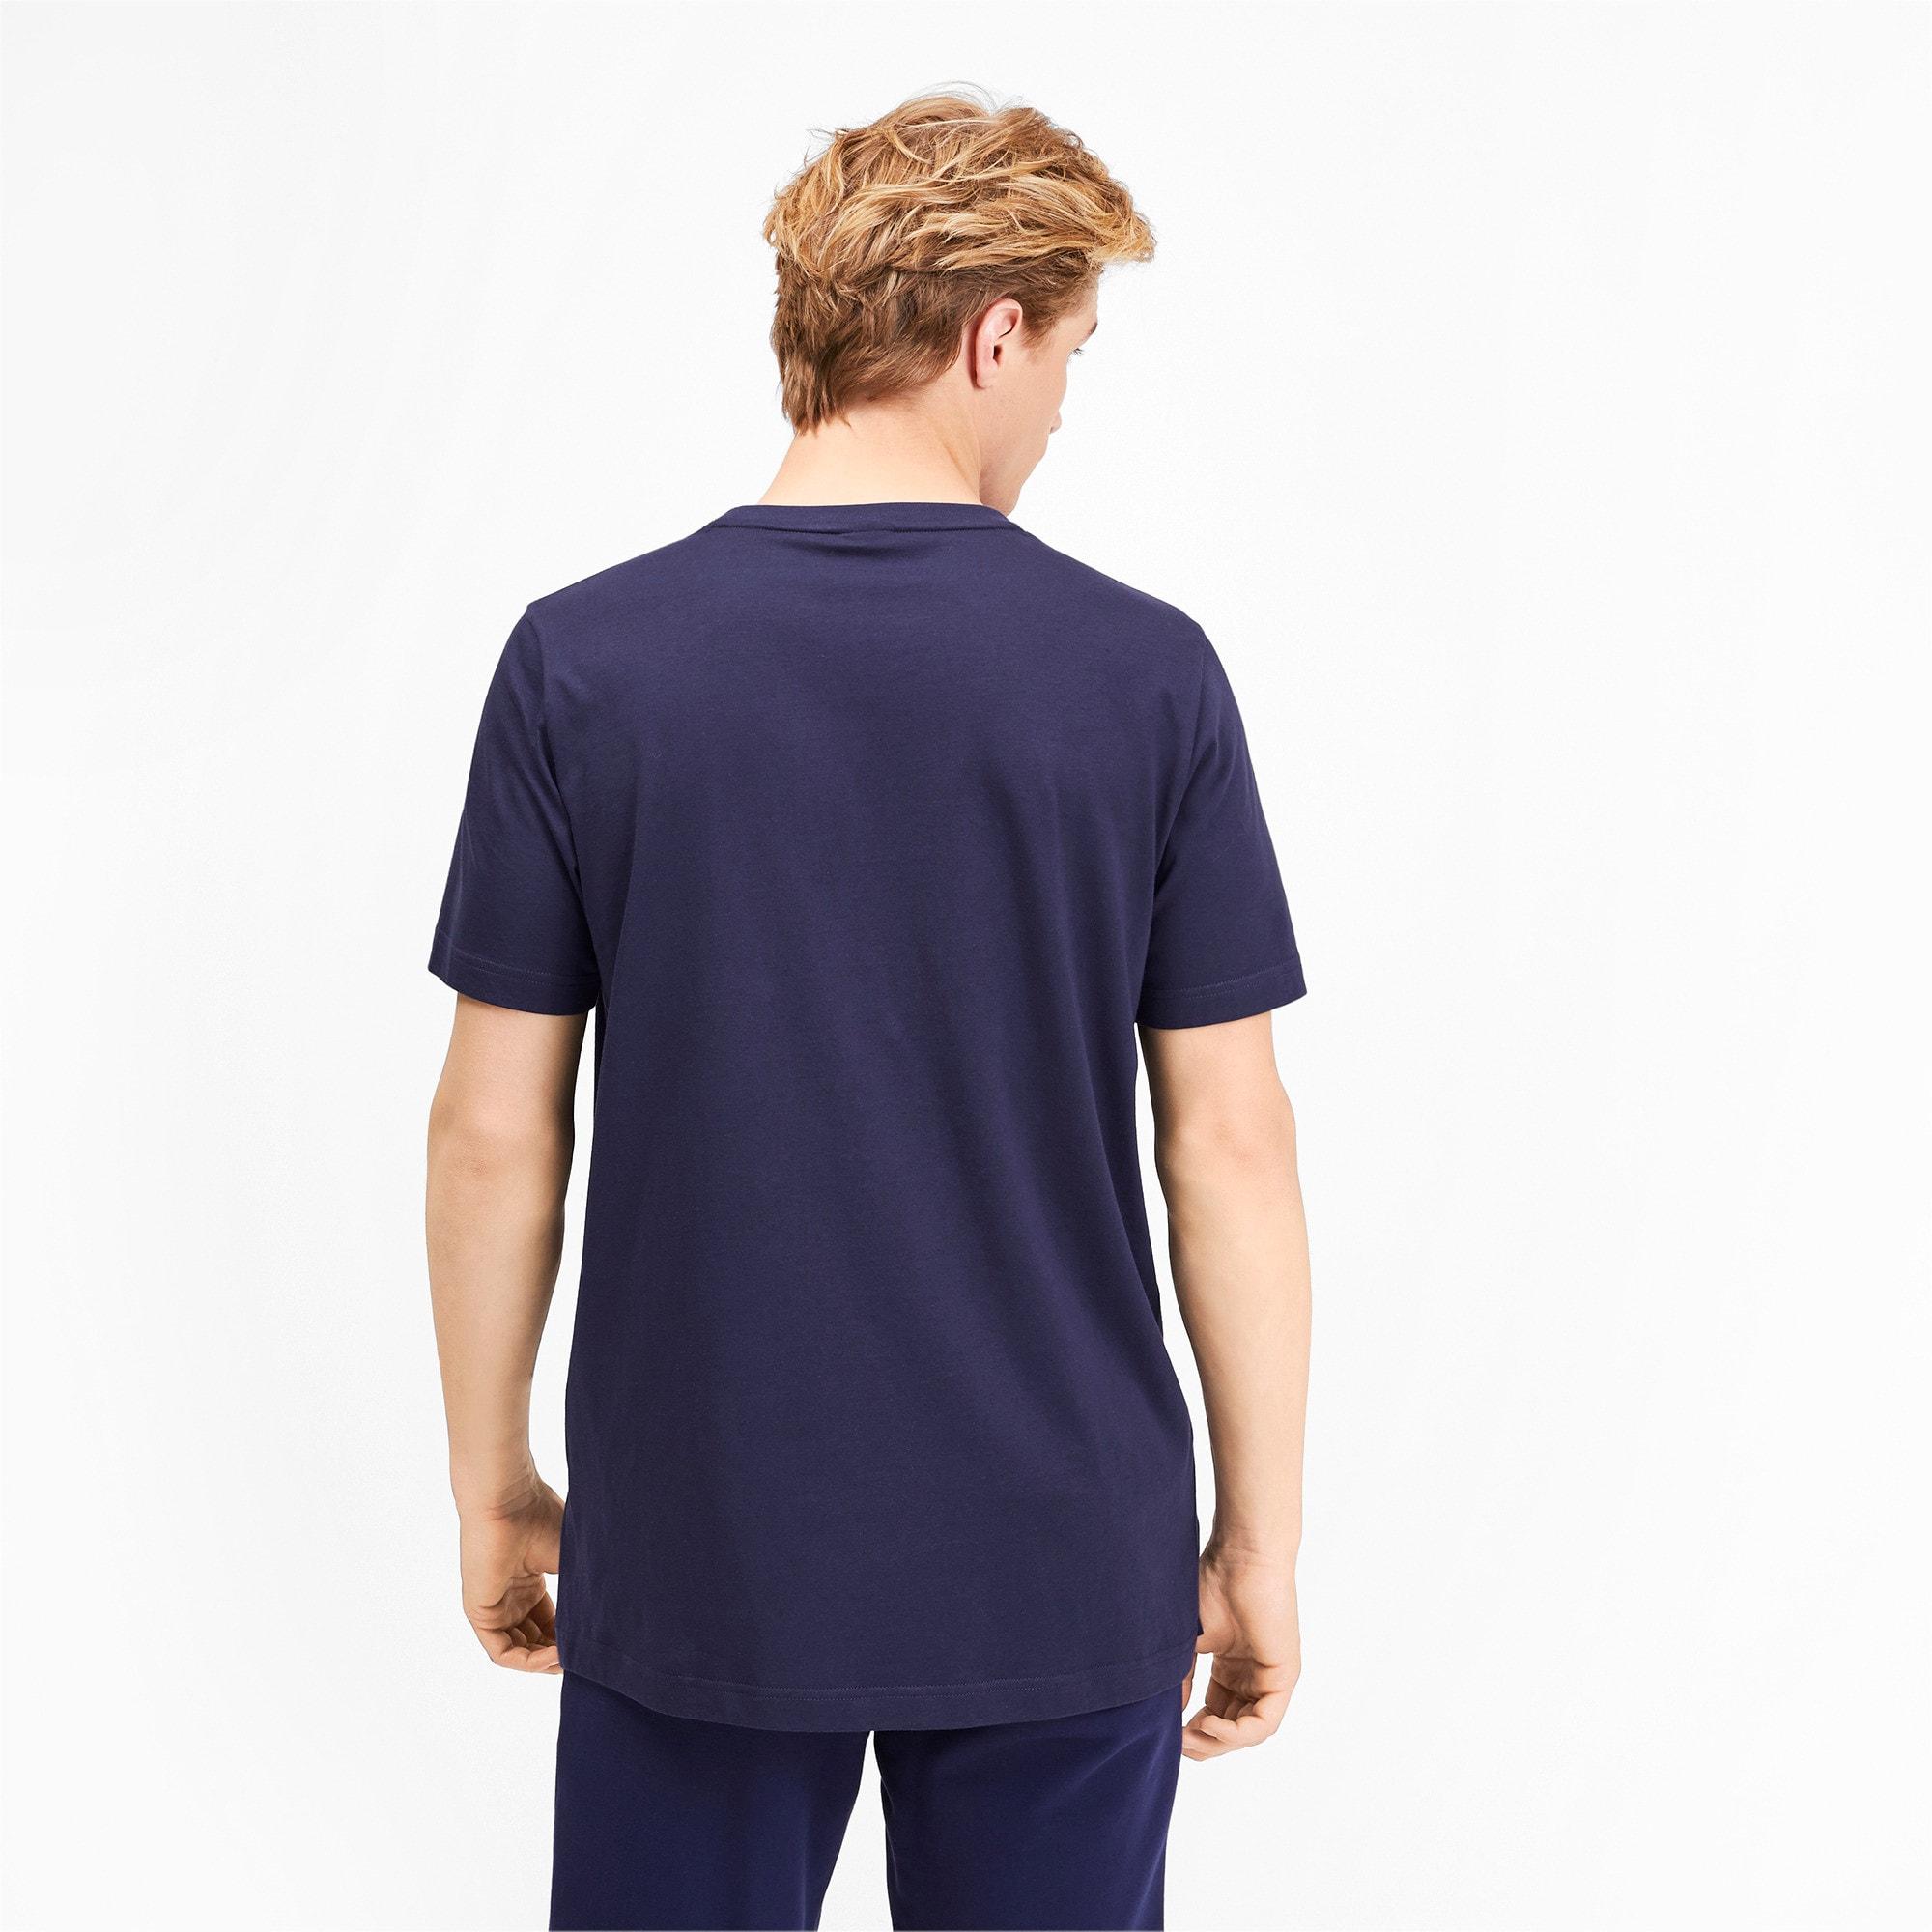 Thumbnail 3 of CLASSICS ロゴ SS Tシャツ (半袖), Peacoat, medium-JPN